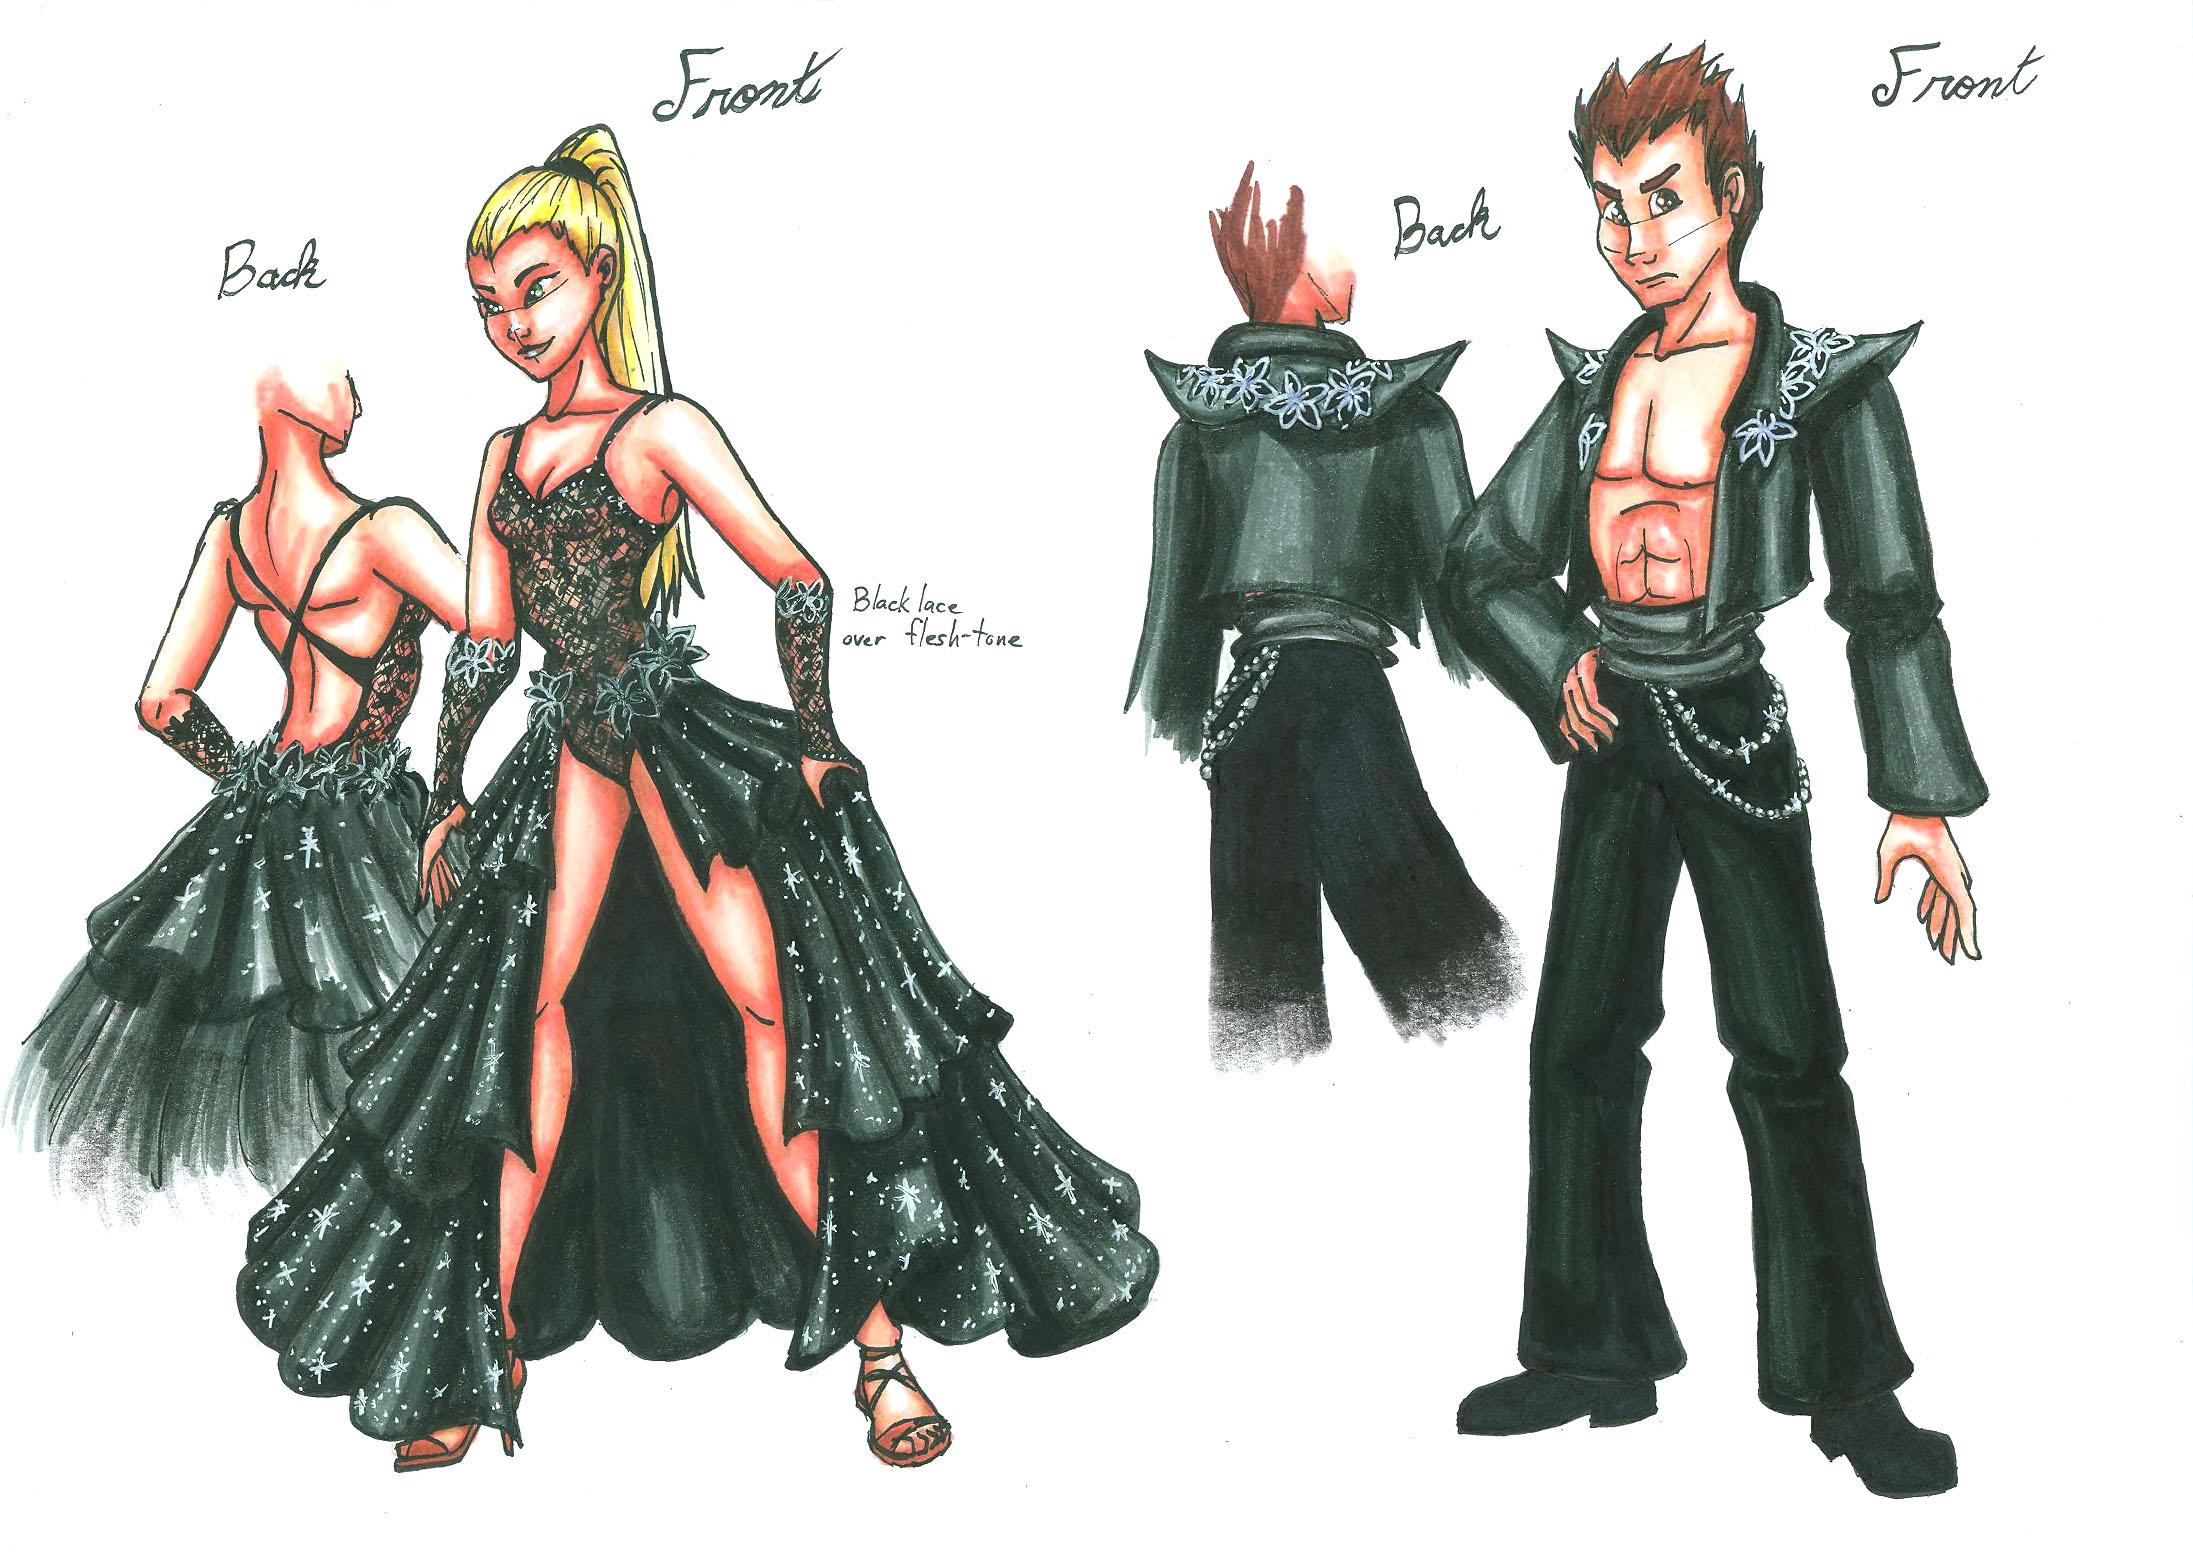 DWTS Design-a-Dance Finalist 2